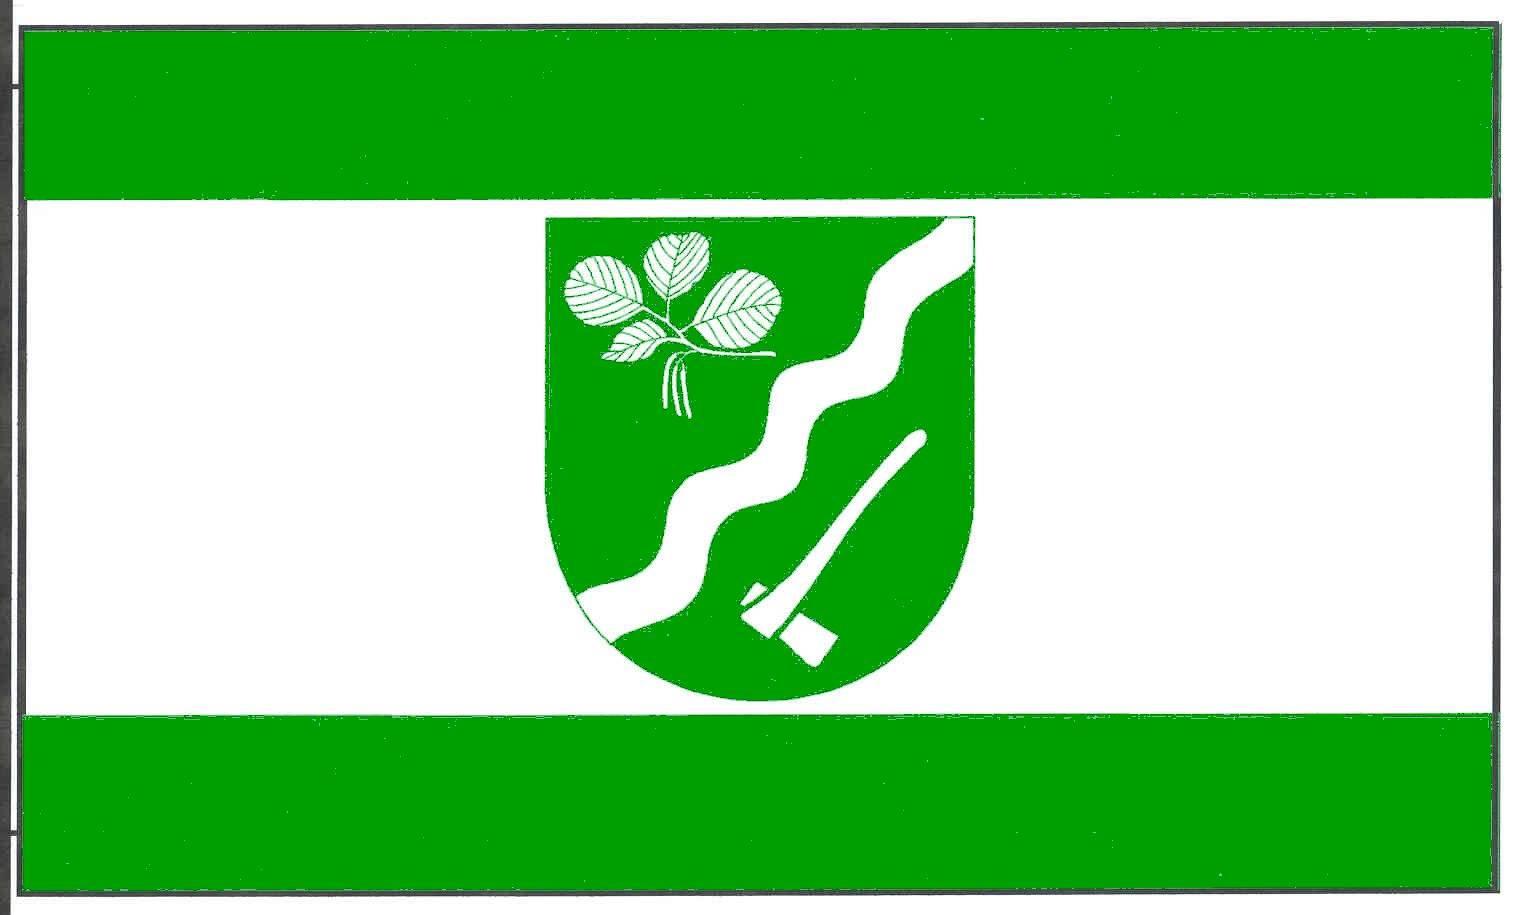 Flagge GemeindeEllerdorf, Kreis Rendsburg-Eckernförde